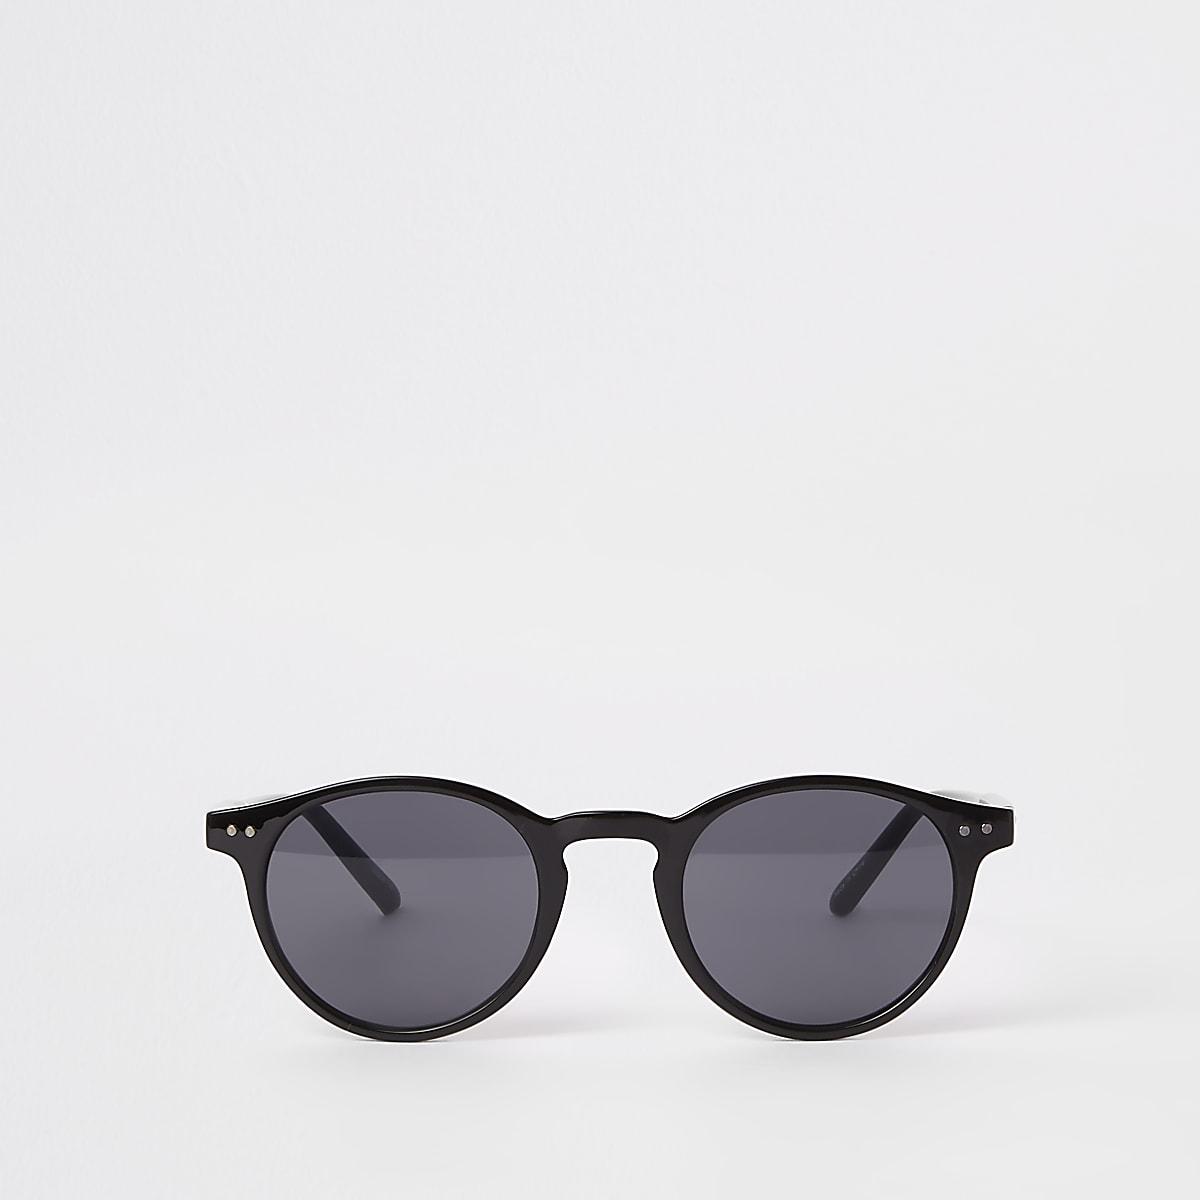 a8757131d26f19 Selected Homme - Zwarte zonnebril met ronde glazen - Ronde ...